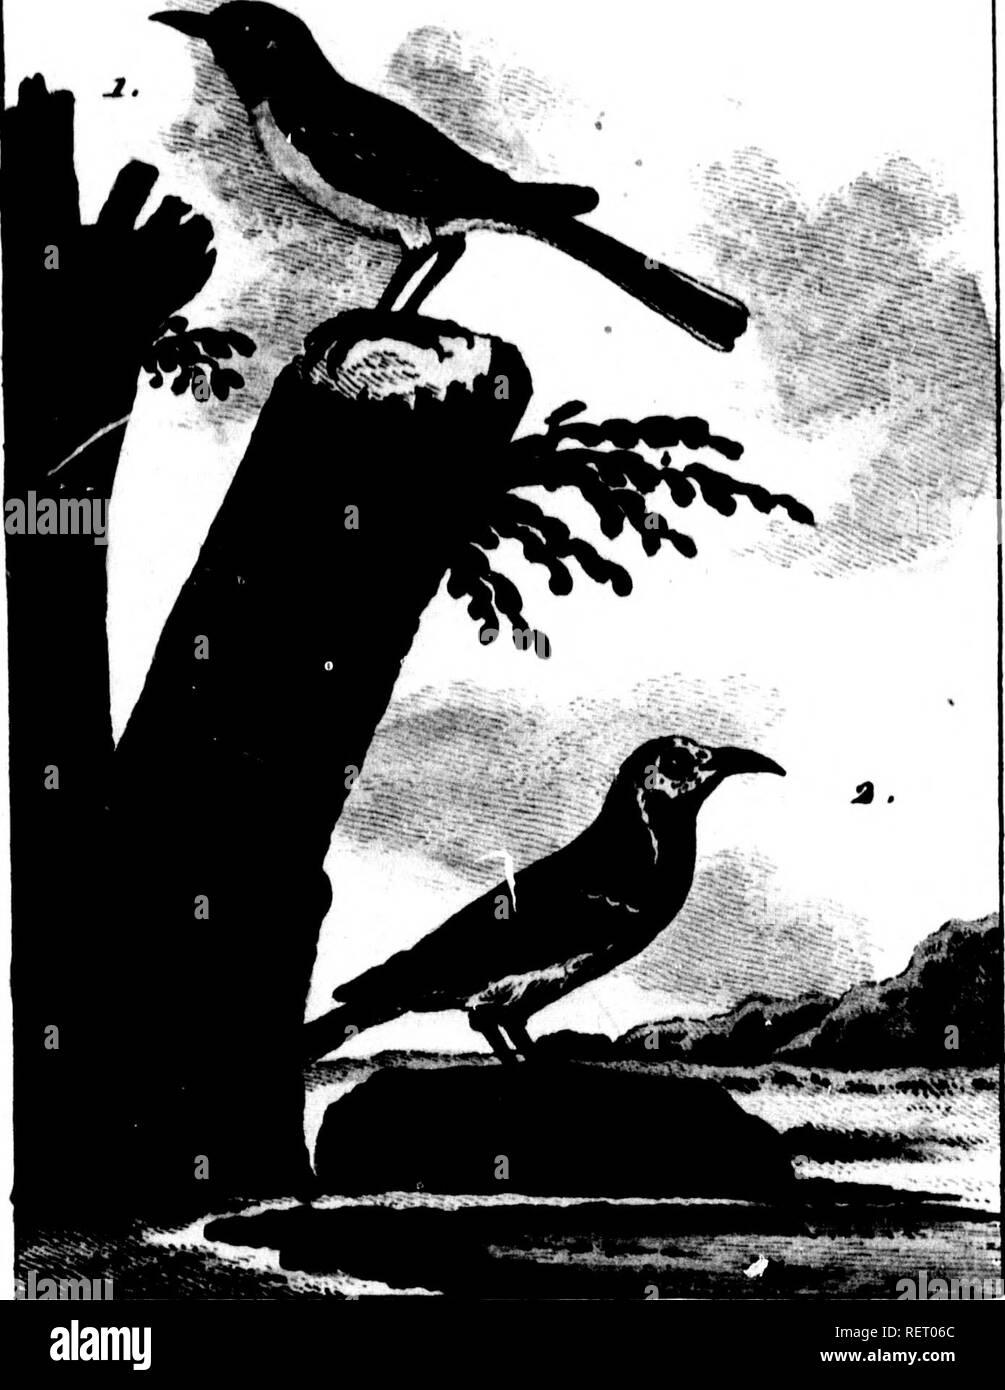 . Histoire naturelle de Buffon [microforme] : classée par ordres, genres et espèces, d'après le système de Linné avec les caractères géné riques et la nomenclature Linnéenne. Sciences naturelles; Ornithologie; Natural history; Ornithology. »»- S<f, .I»i» Â« mm ra,f. 2i!S- Ton, . xr. %i. Jieit'eut f/e/ f^ Tttrdteu Jcu/v . X. ToA LAVANniKHE. a.LA BKllGKllONETTE , *â .. Please note that these images are extracted from scanned page images that may have been digitally enhanced for readability - coloration and appearance of these illustrations may not perfectly resemble the original  - Stock Image